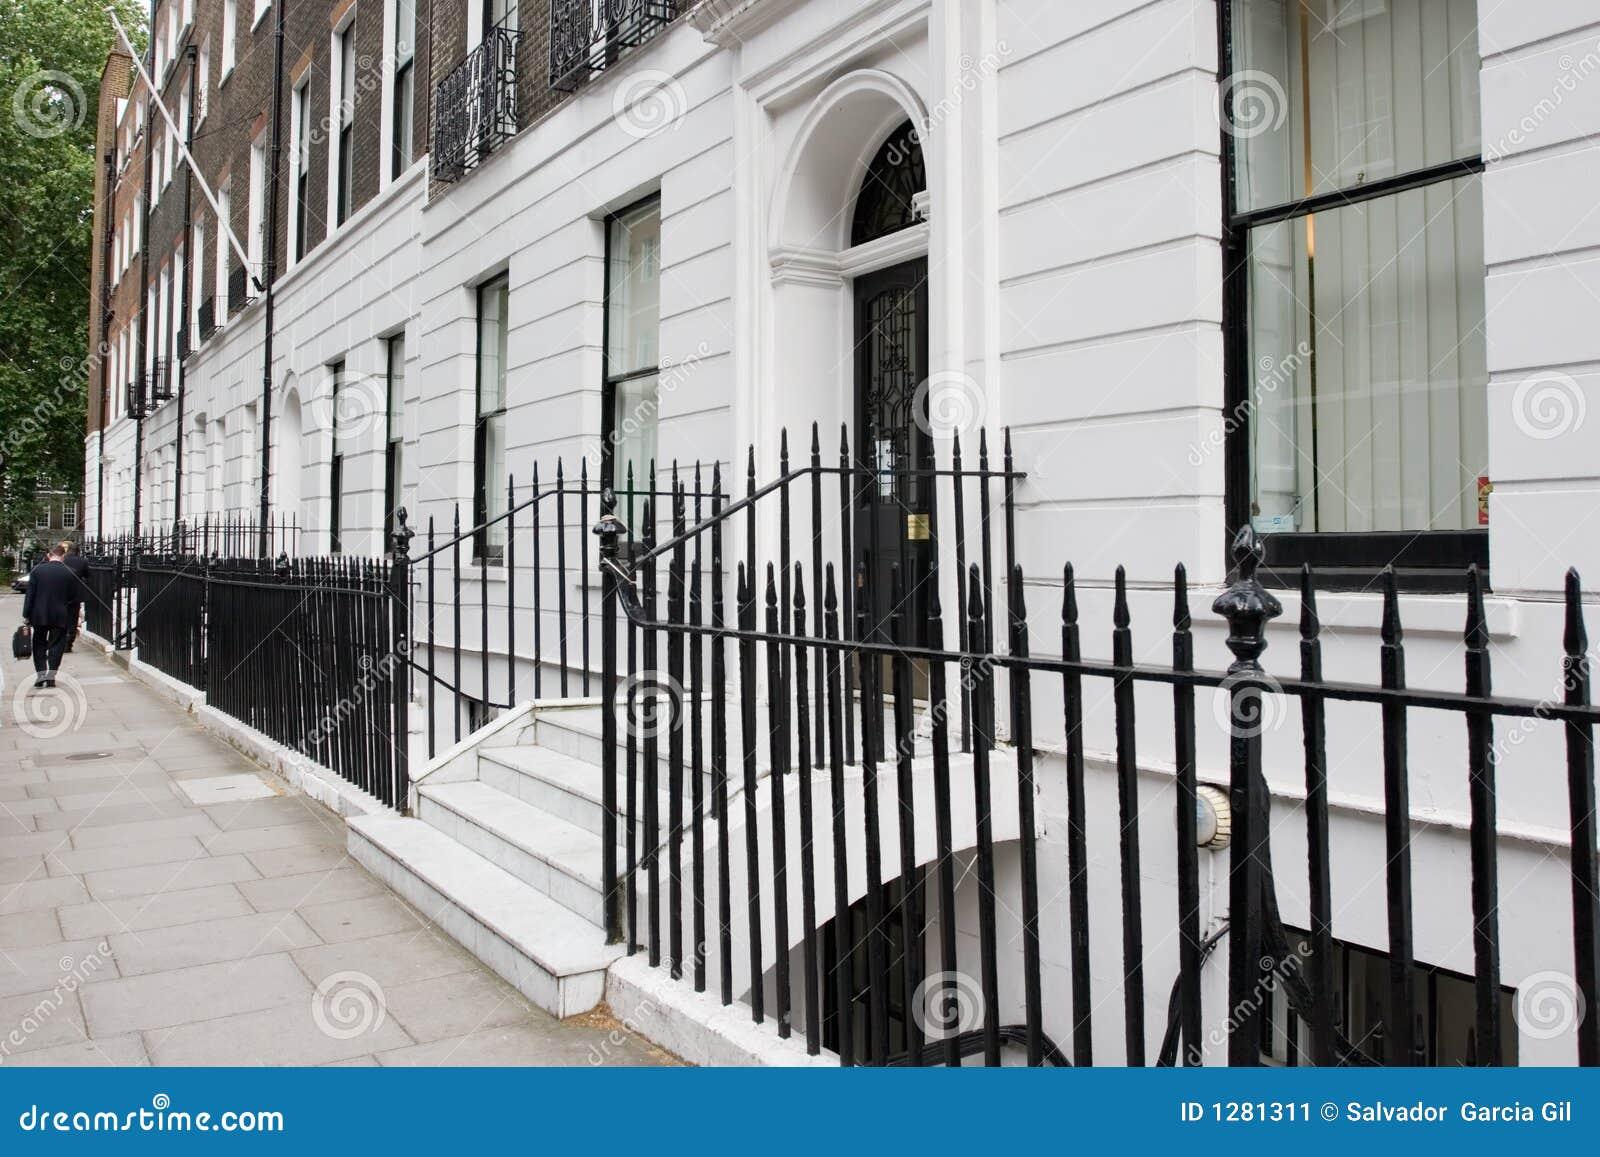 Calle típica de Londres